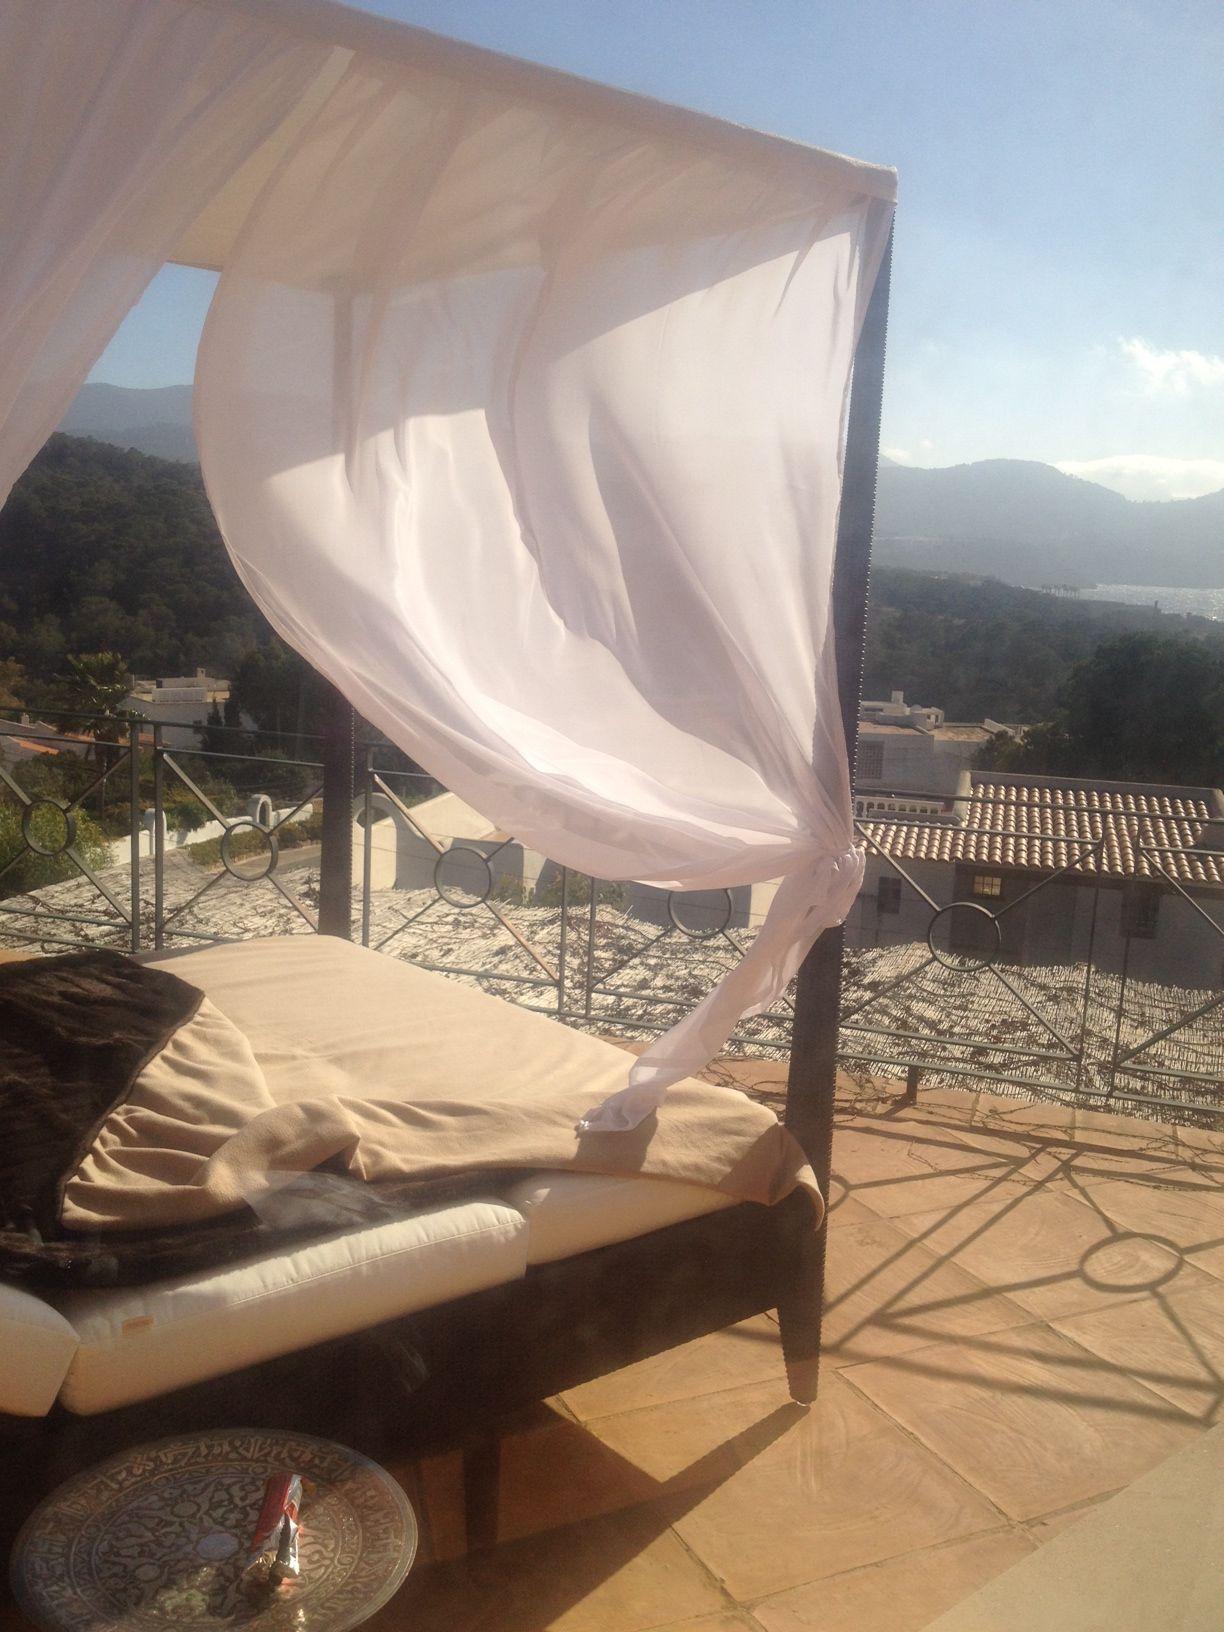 Rattan Himmelbett Outdoor SUNLACE auf Ibiza!